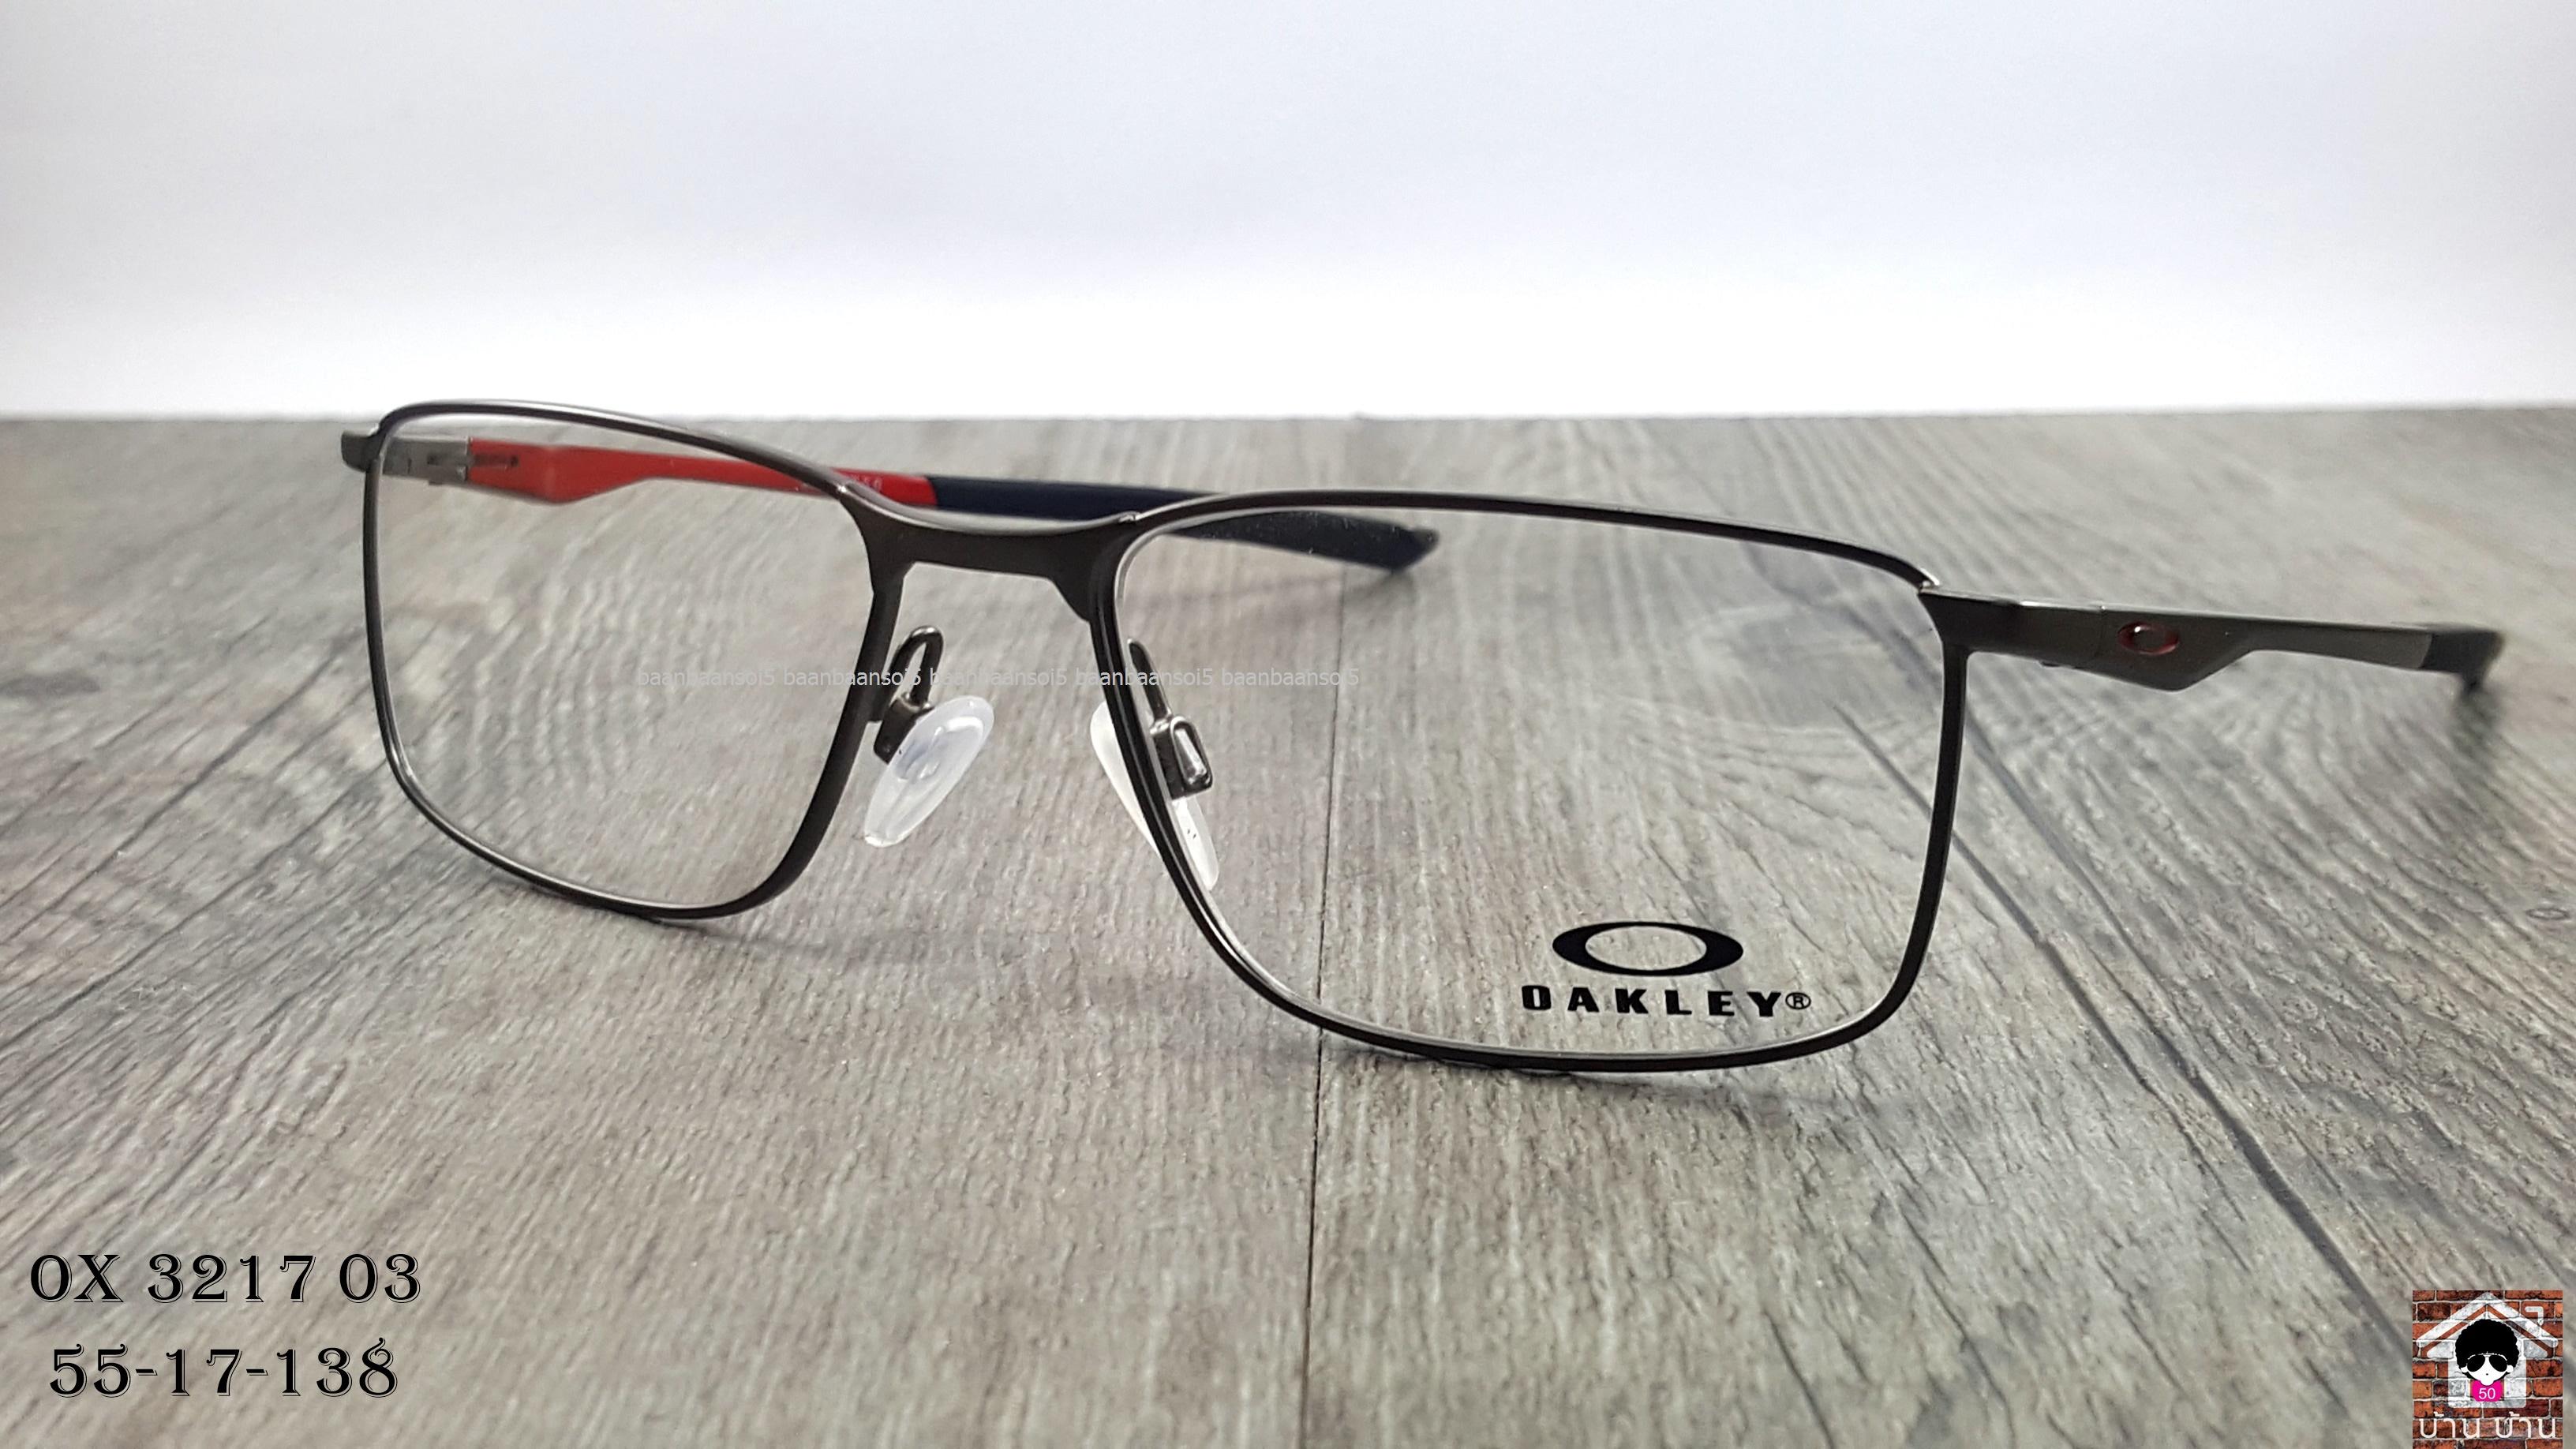 a29e97e2aea OAKLEY OX3217-03 SOCKET 5.0 โปรโมชั่น กรอบแว่นตาพร้อมเลนส์ HOYA ราคา